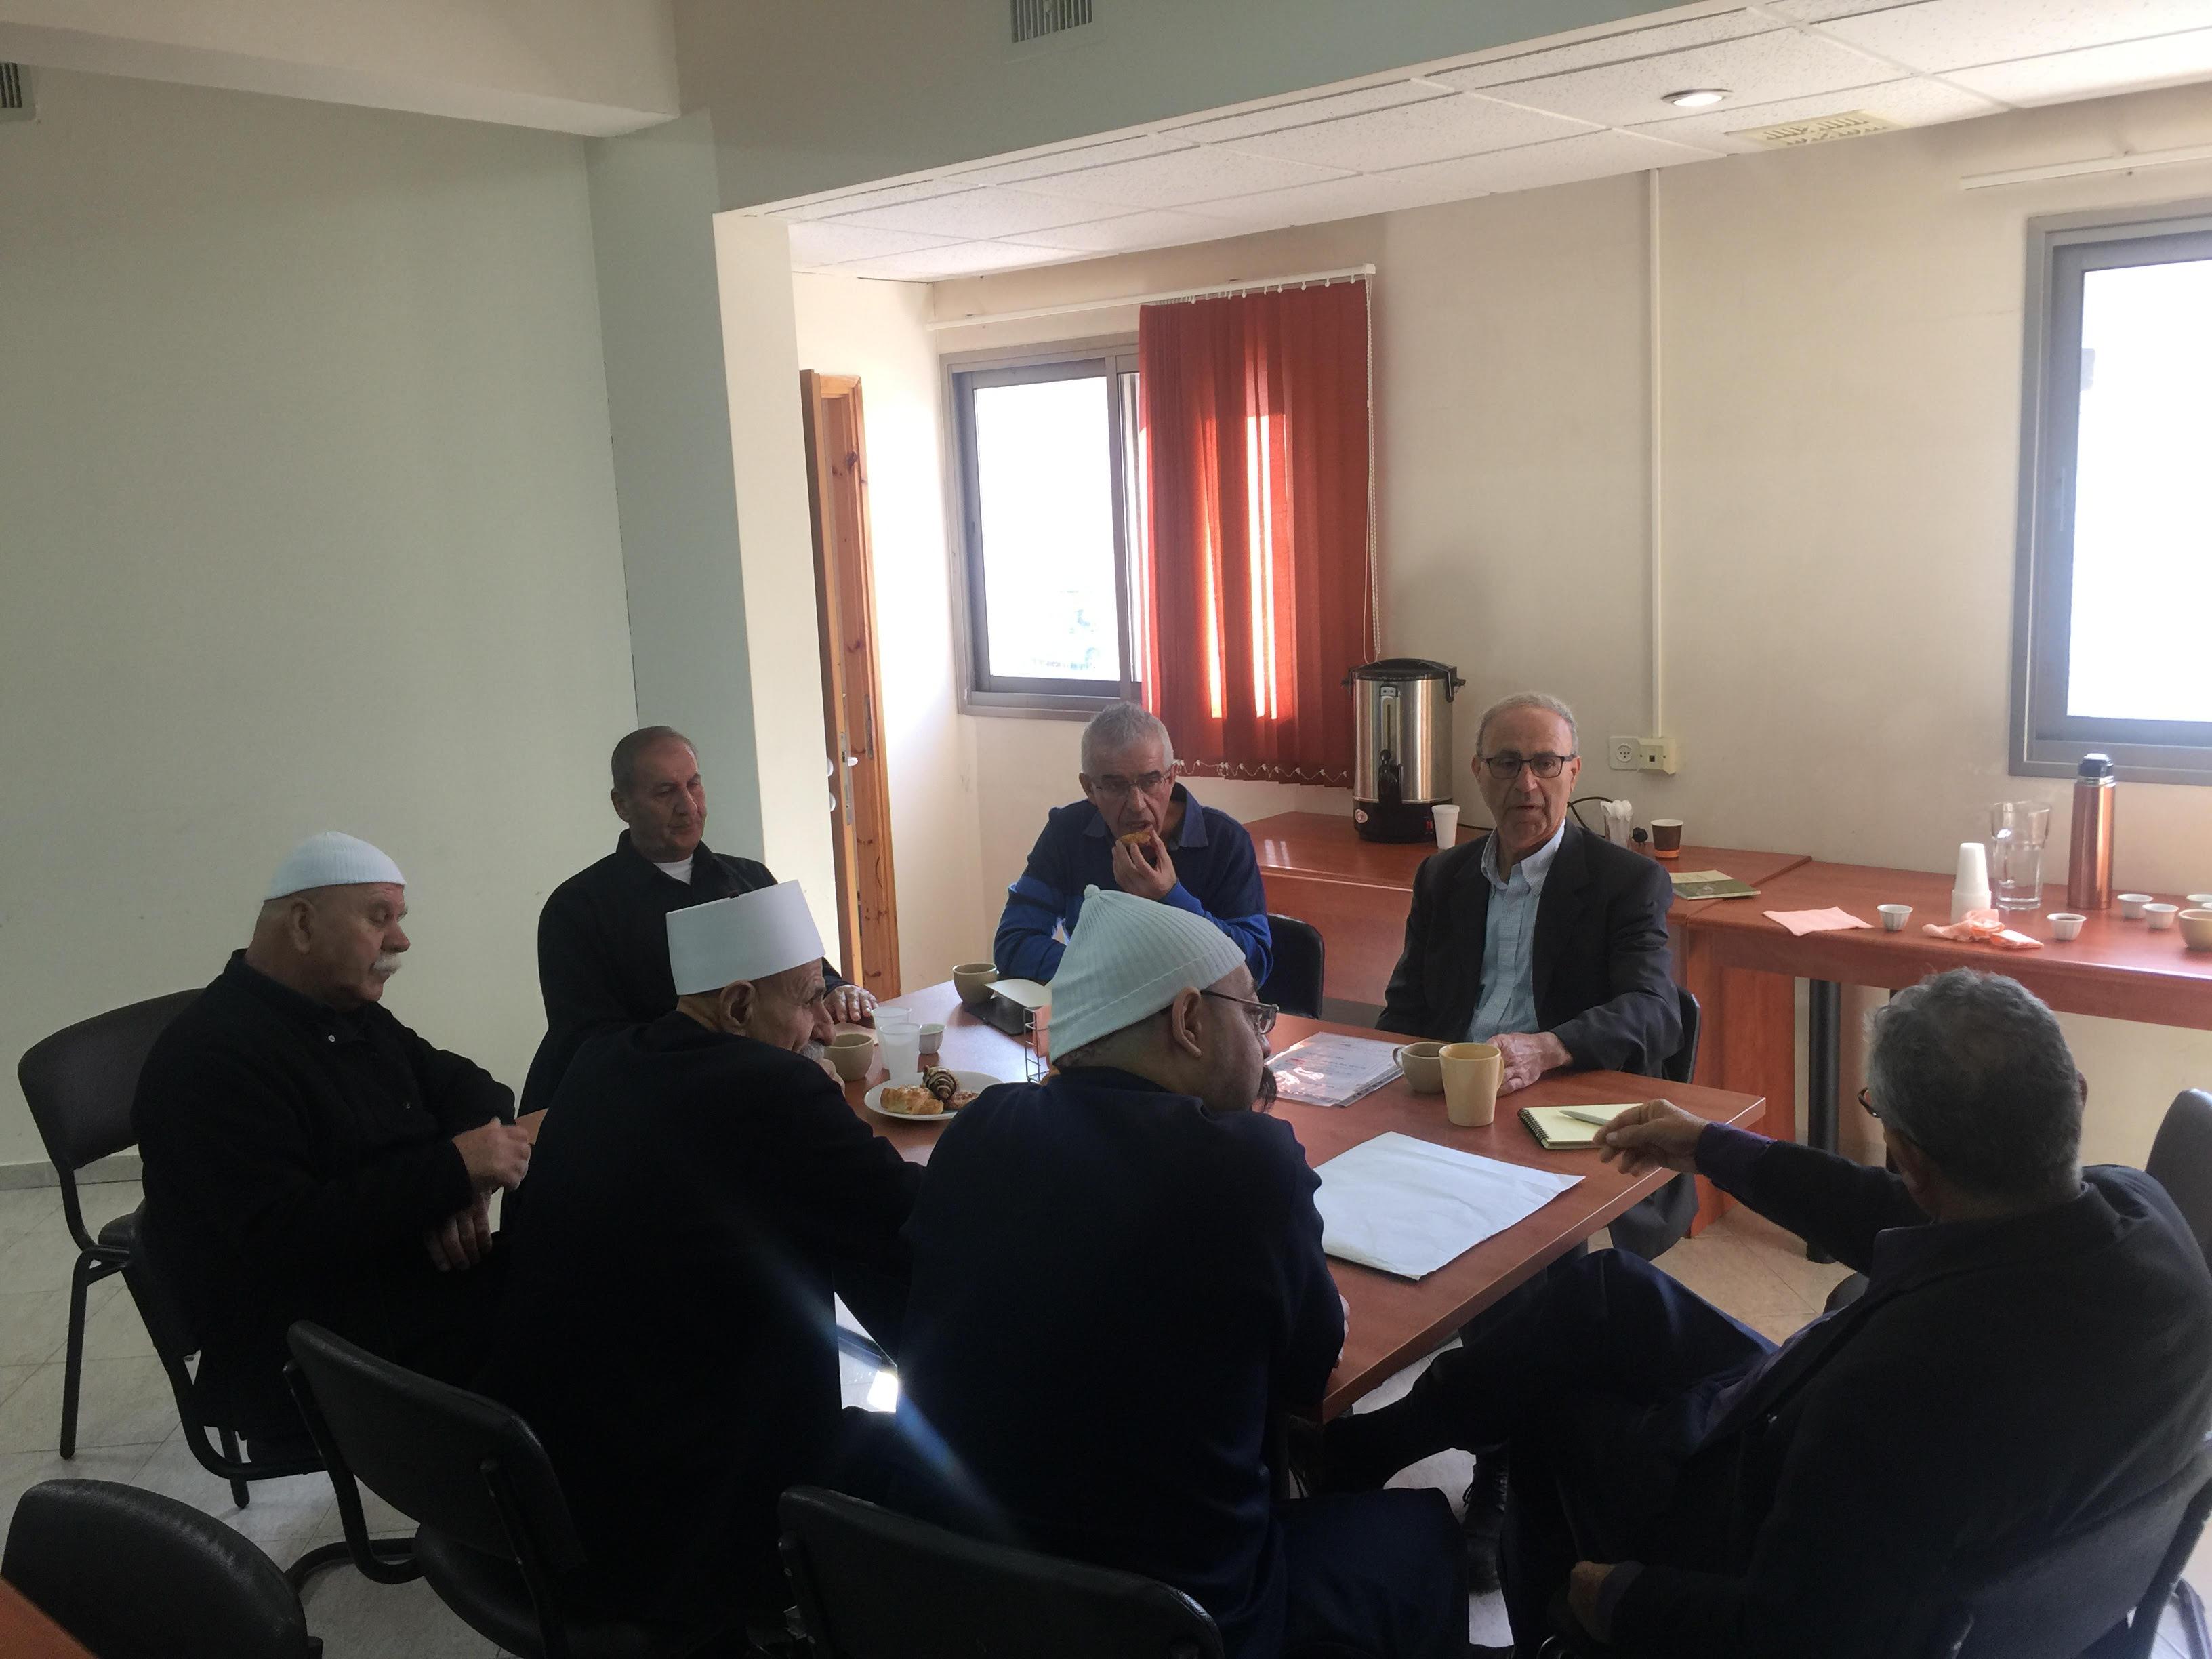 اللجنة المعروفية للدفاع عن الأرض والمسكن والمركز العربي للتخطيط البديل: